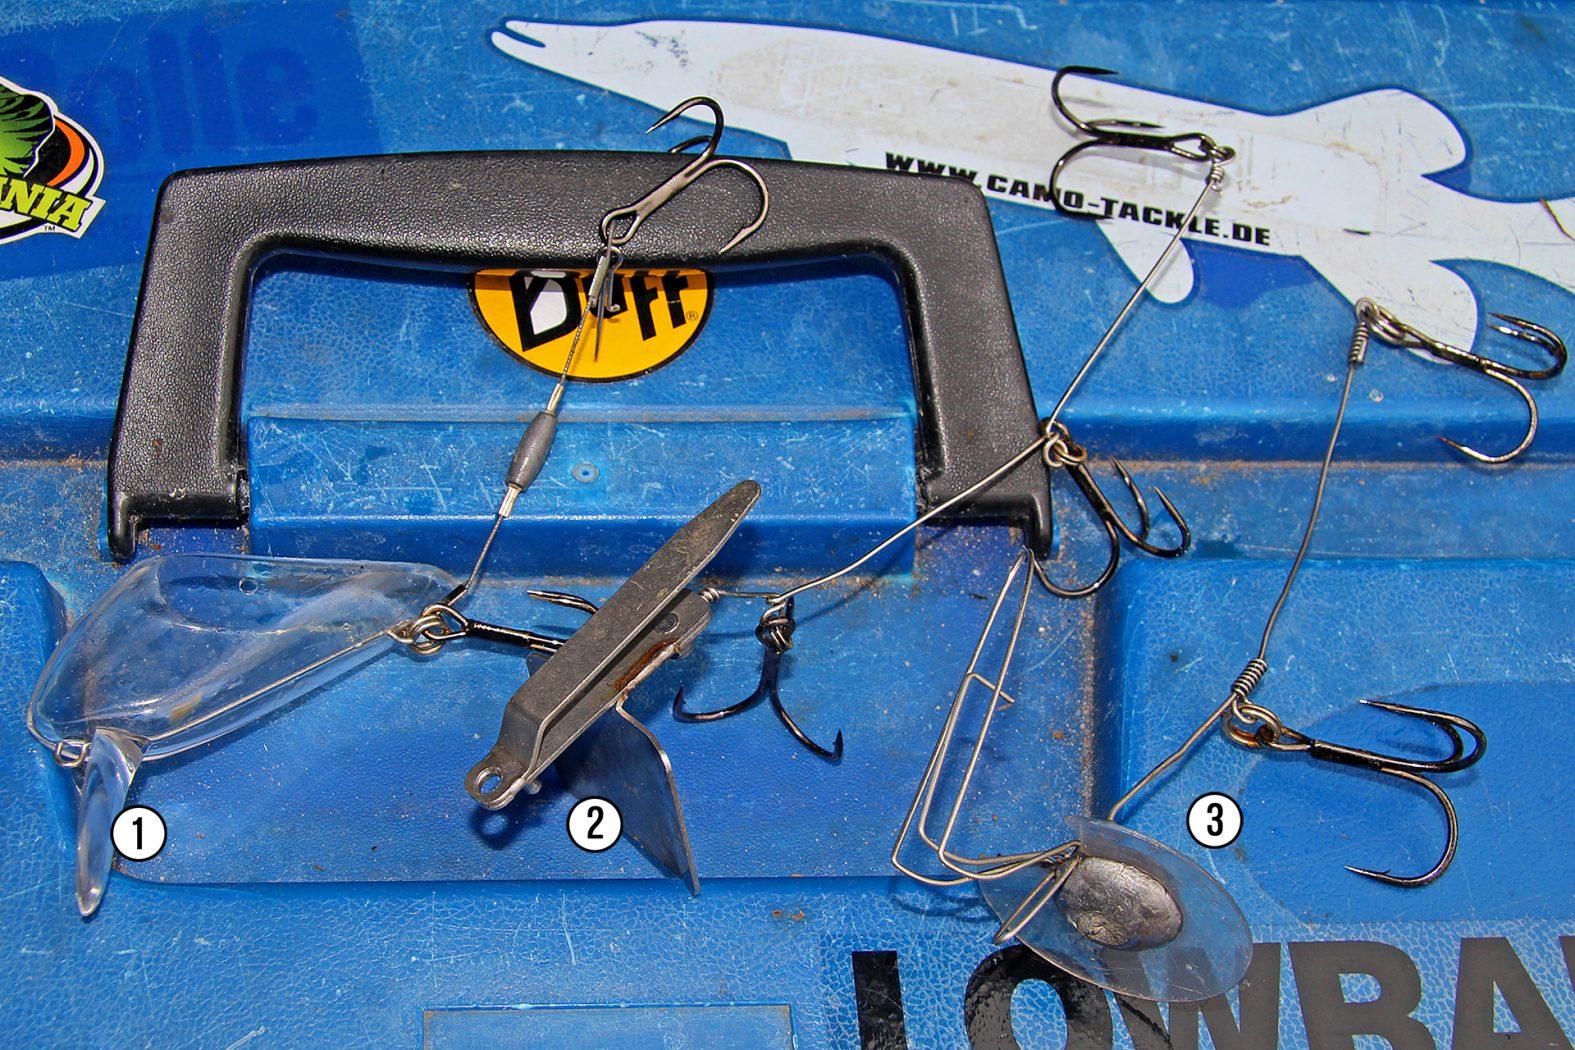 Schleppsysteme für Köderfisch